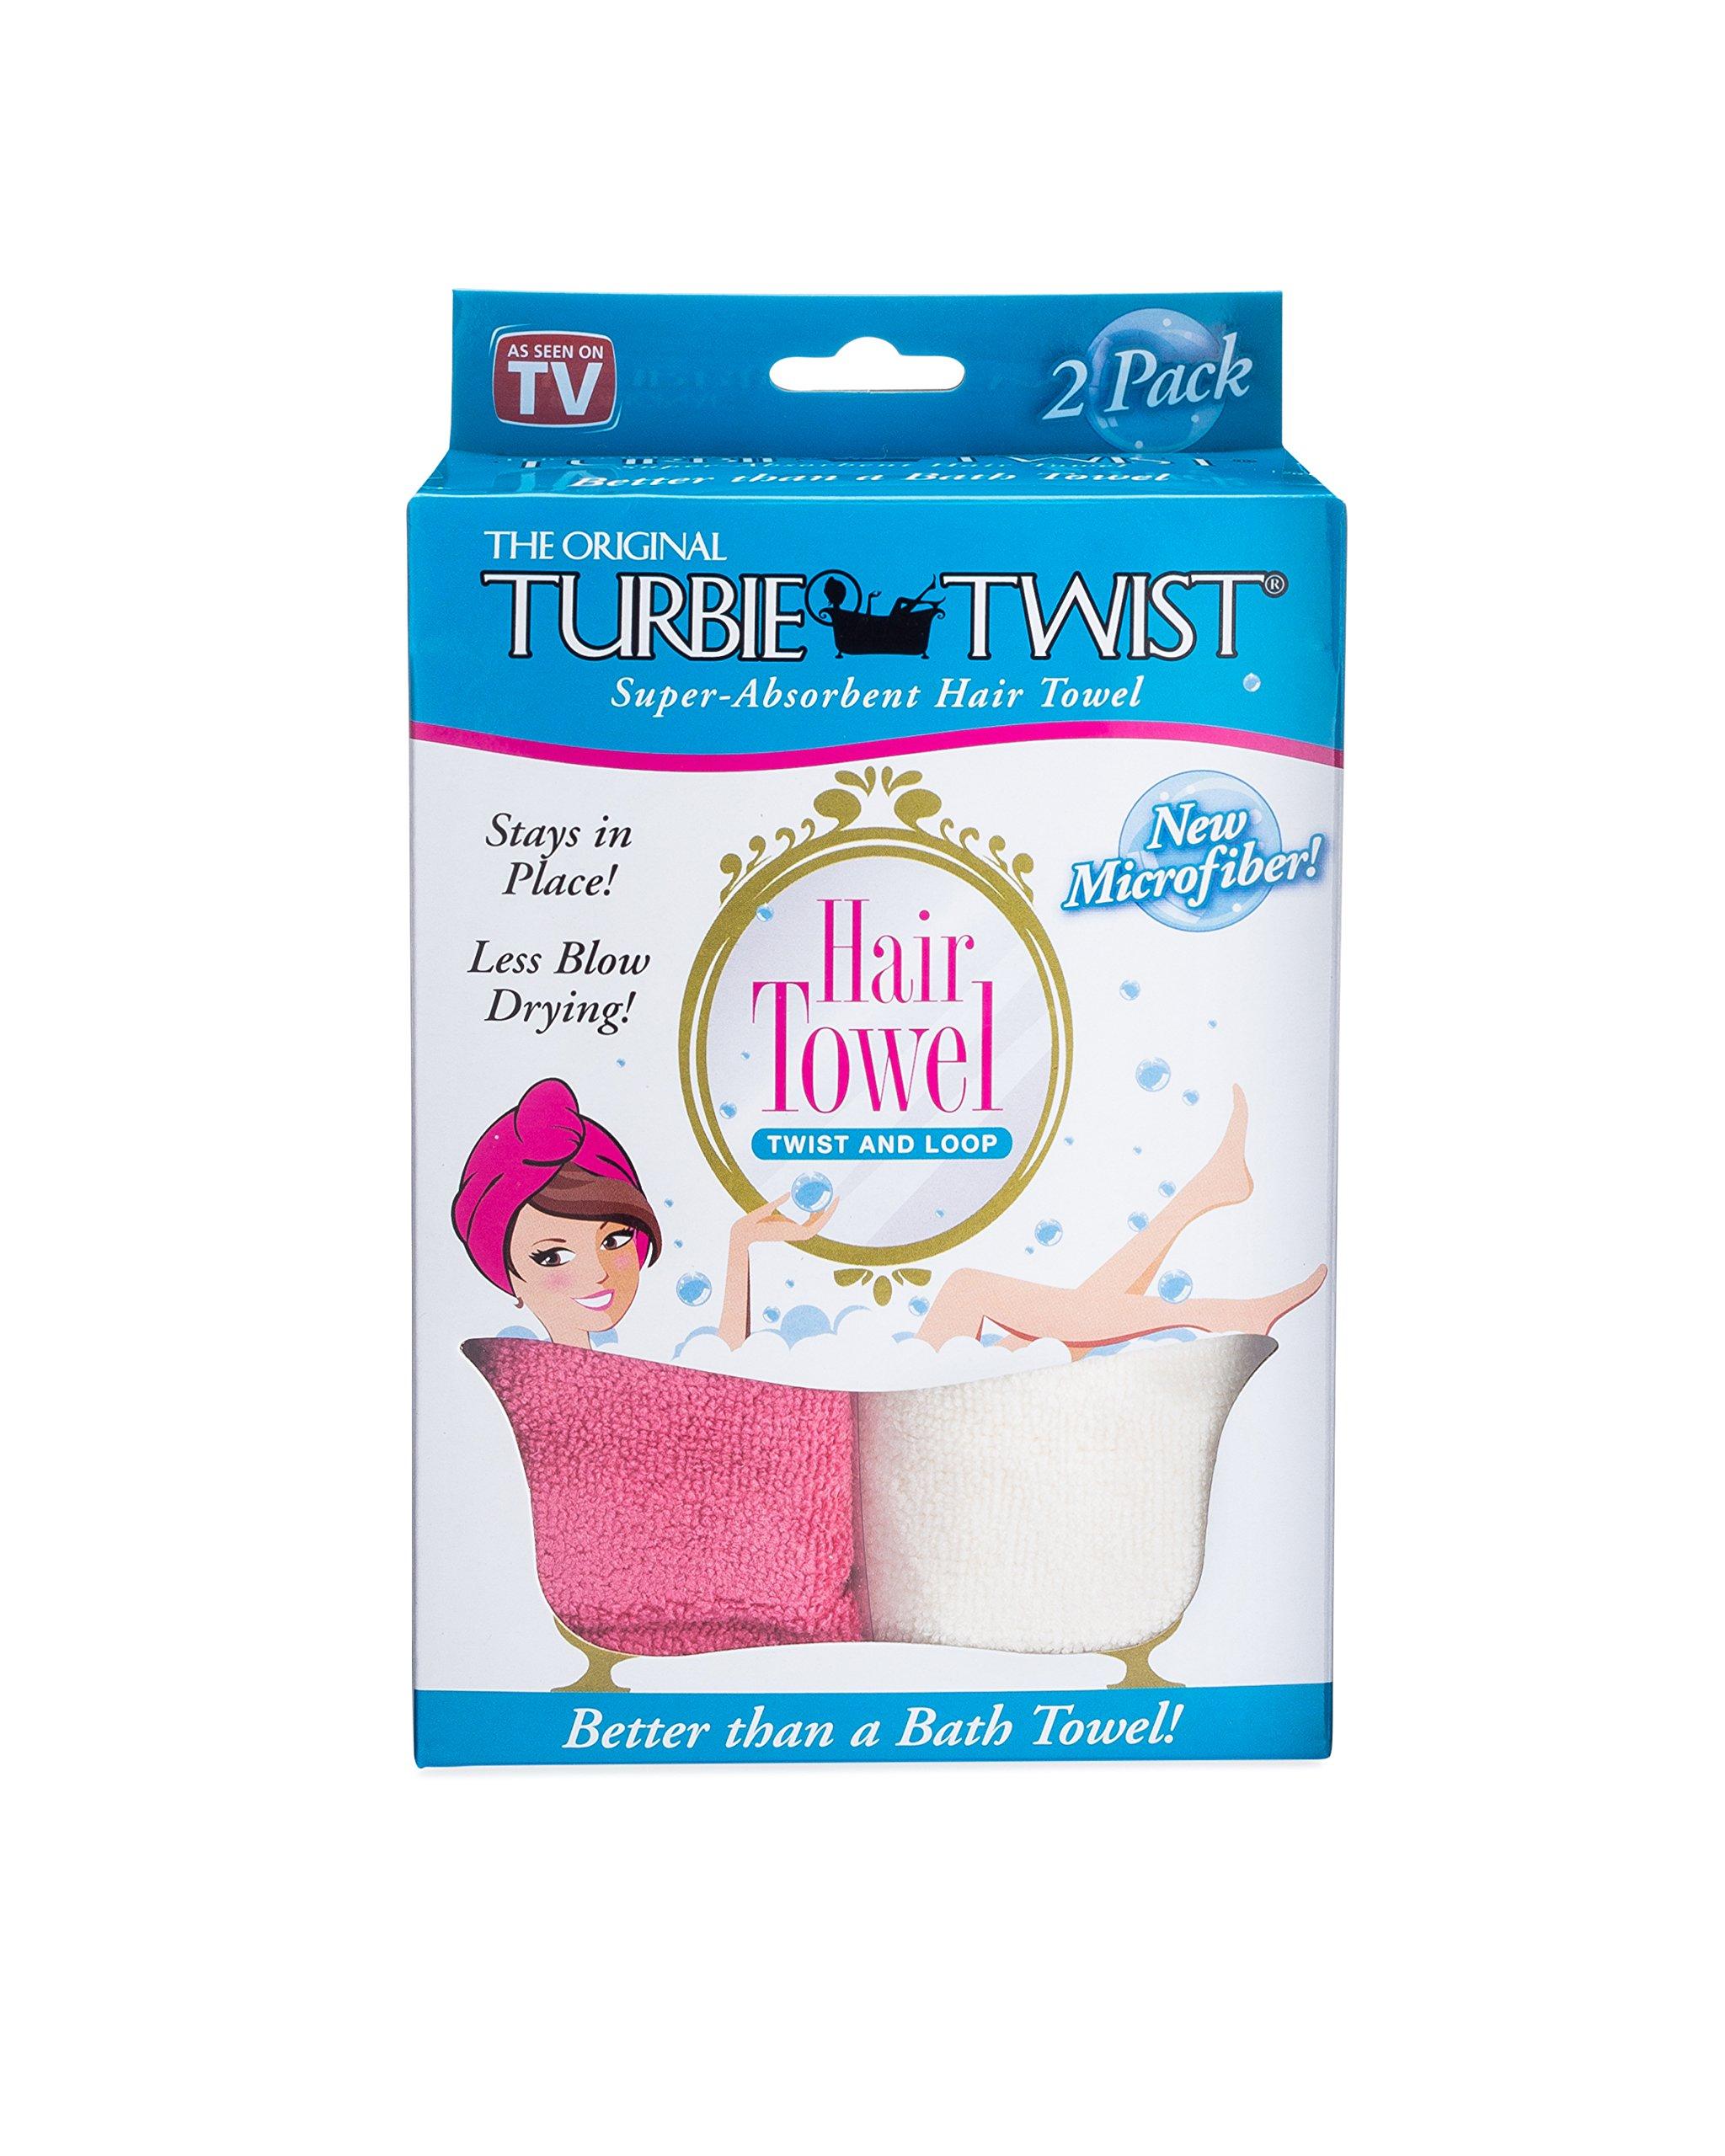 Turbie Twist Microfiber Hair Towel (2 Pack)Hot Pink-Cream